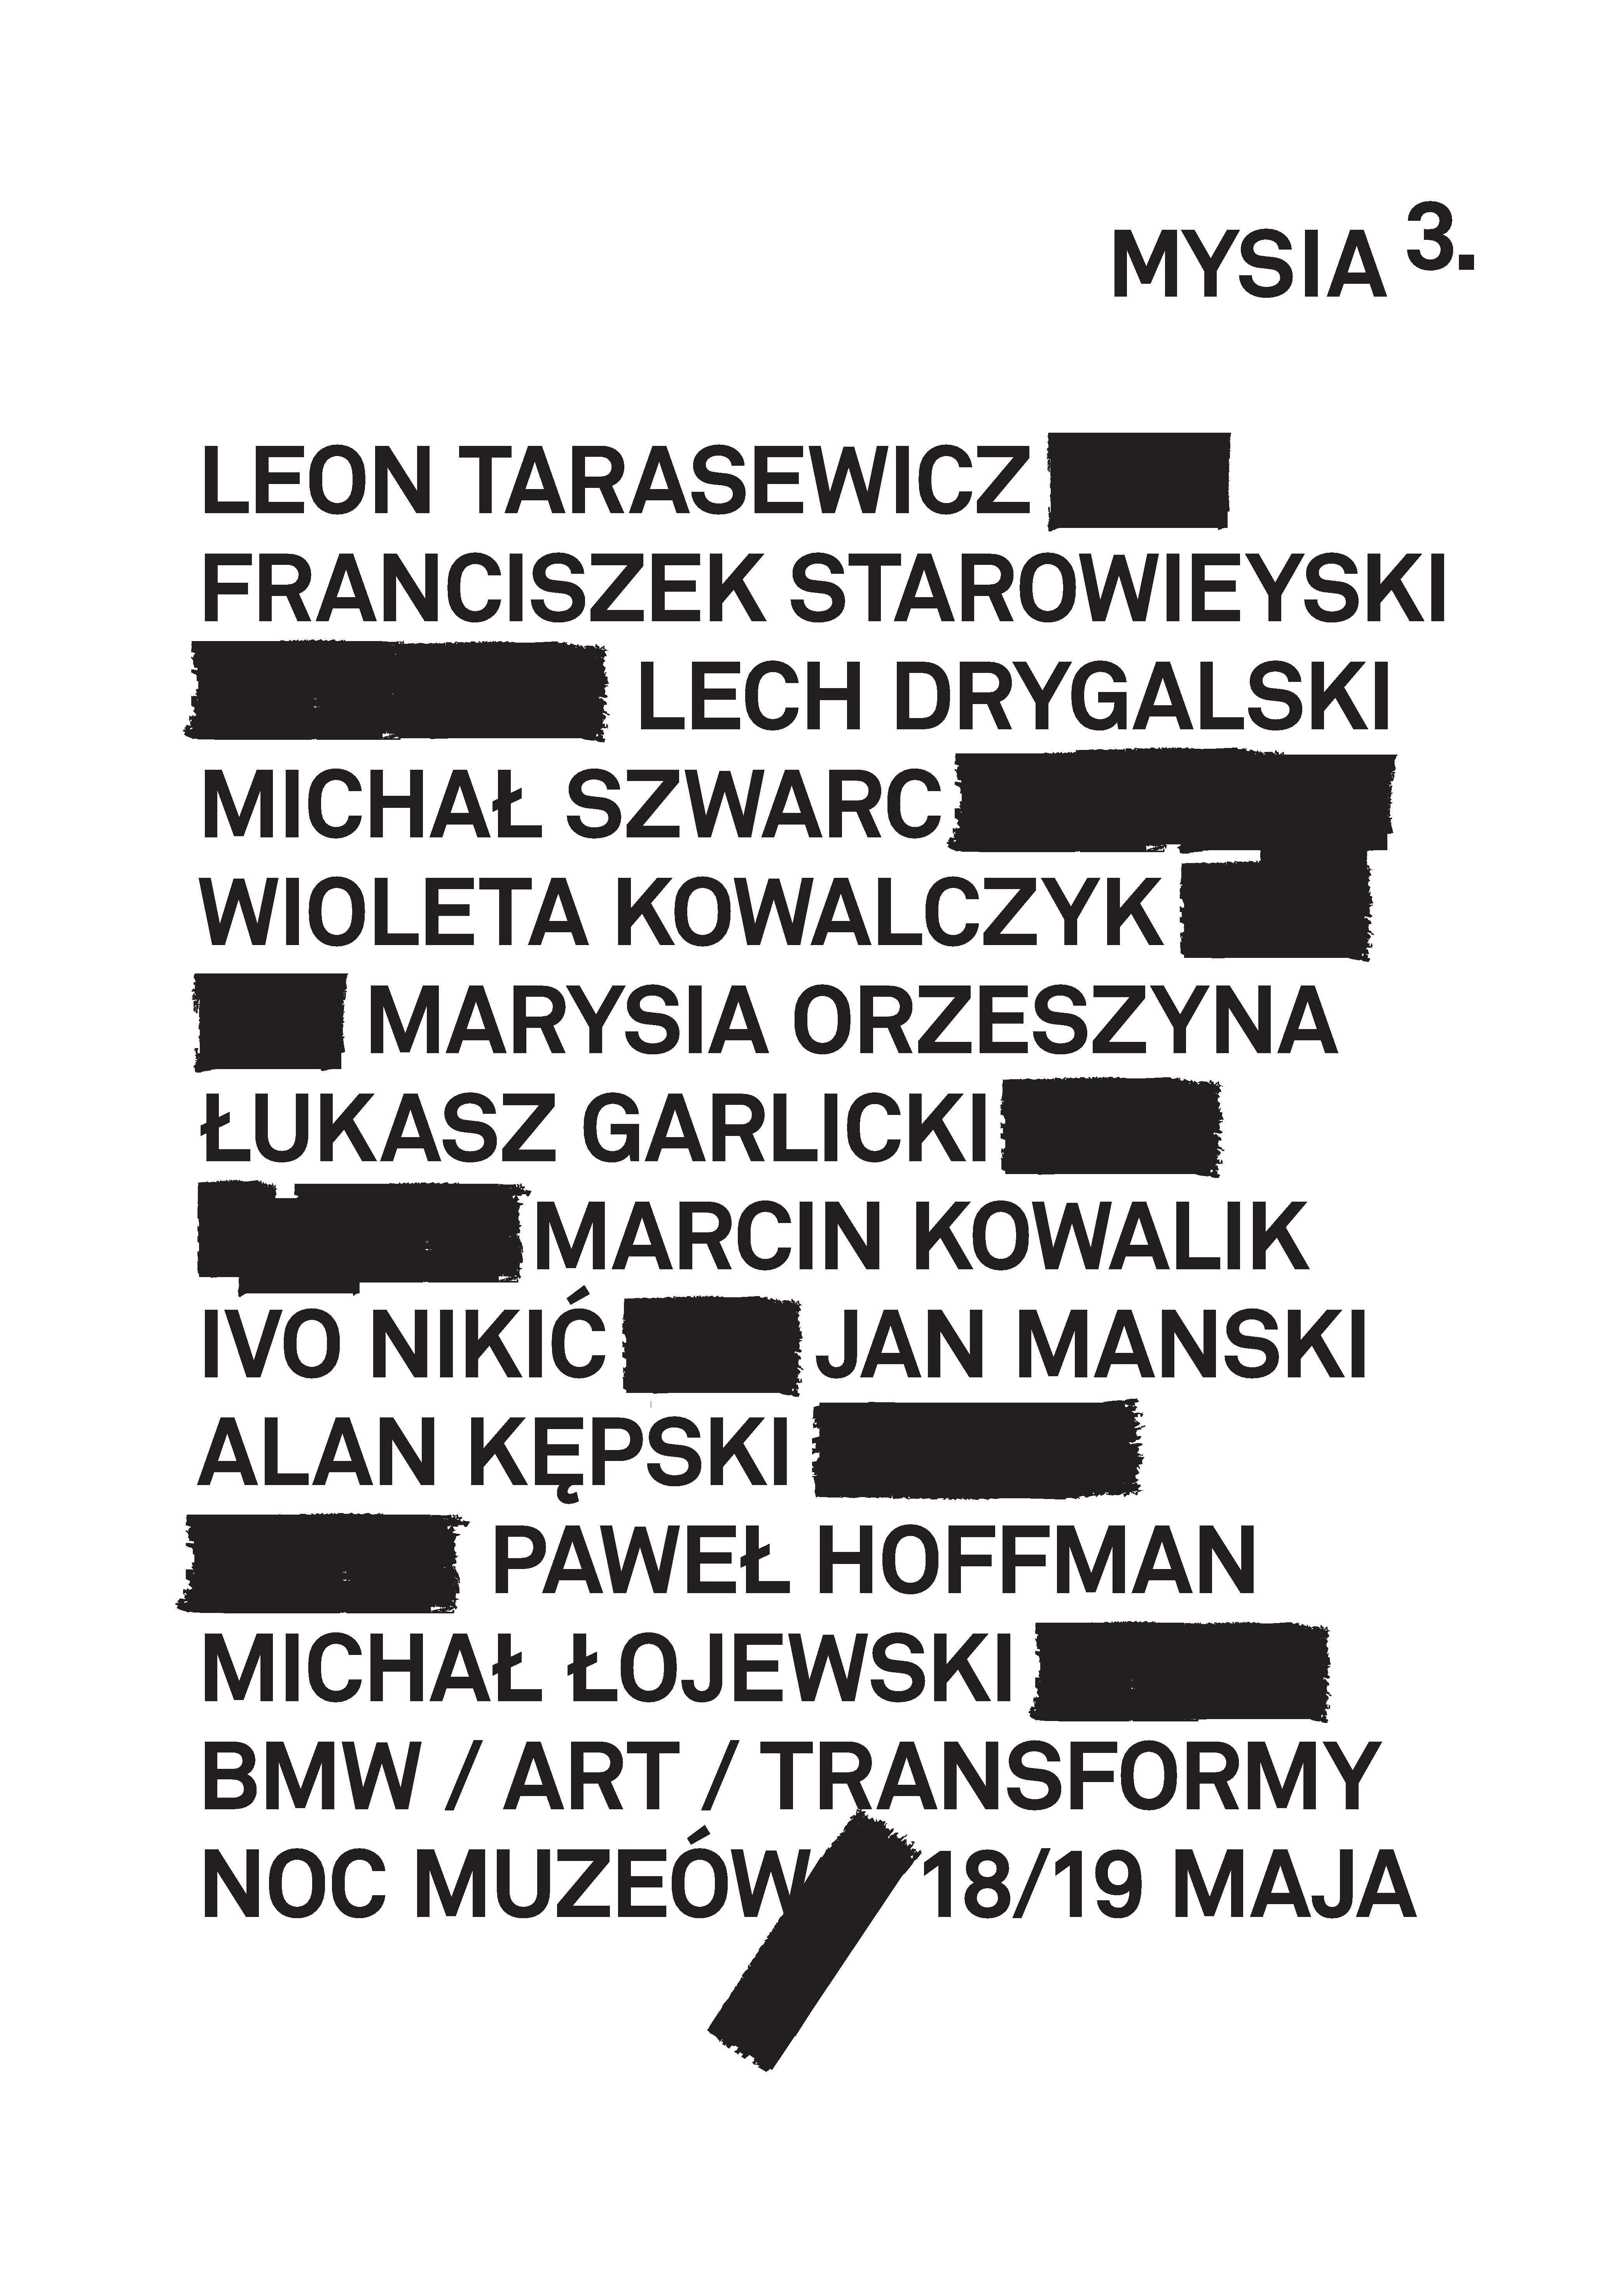 M3_POSTER_NOC_MUZEOW_04-page-001